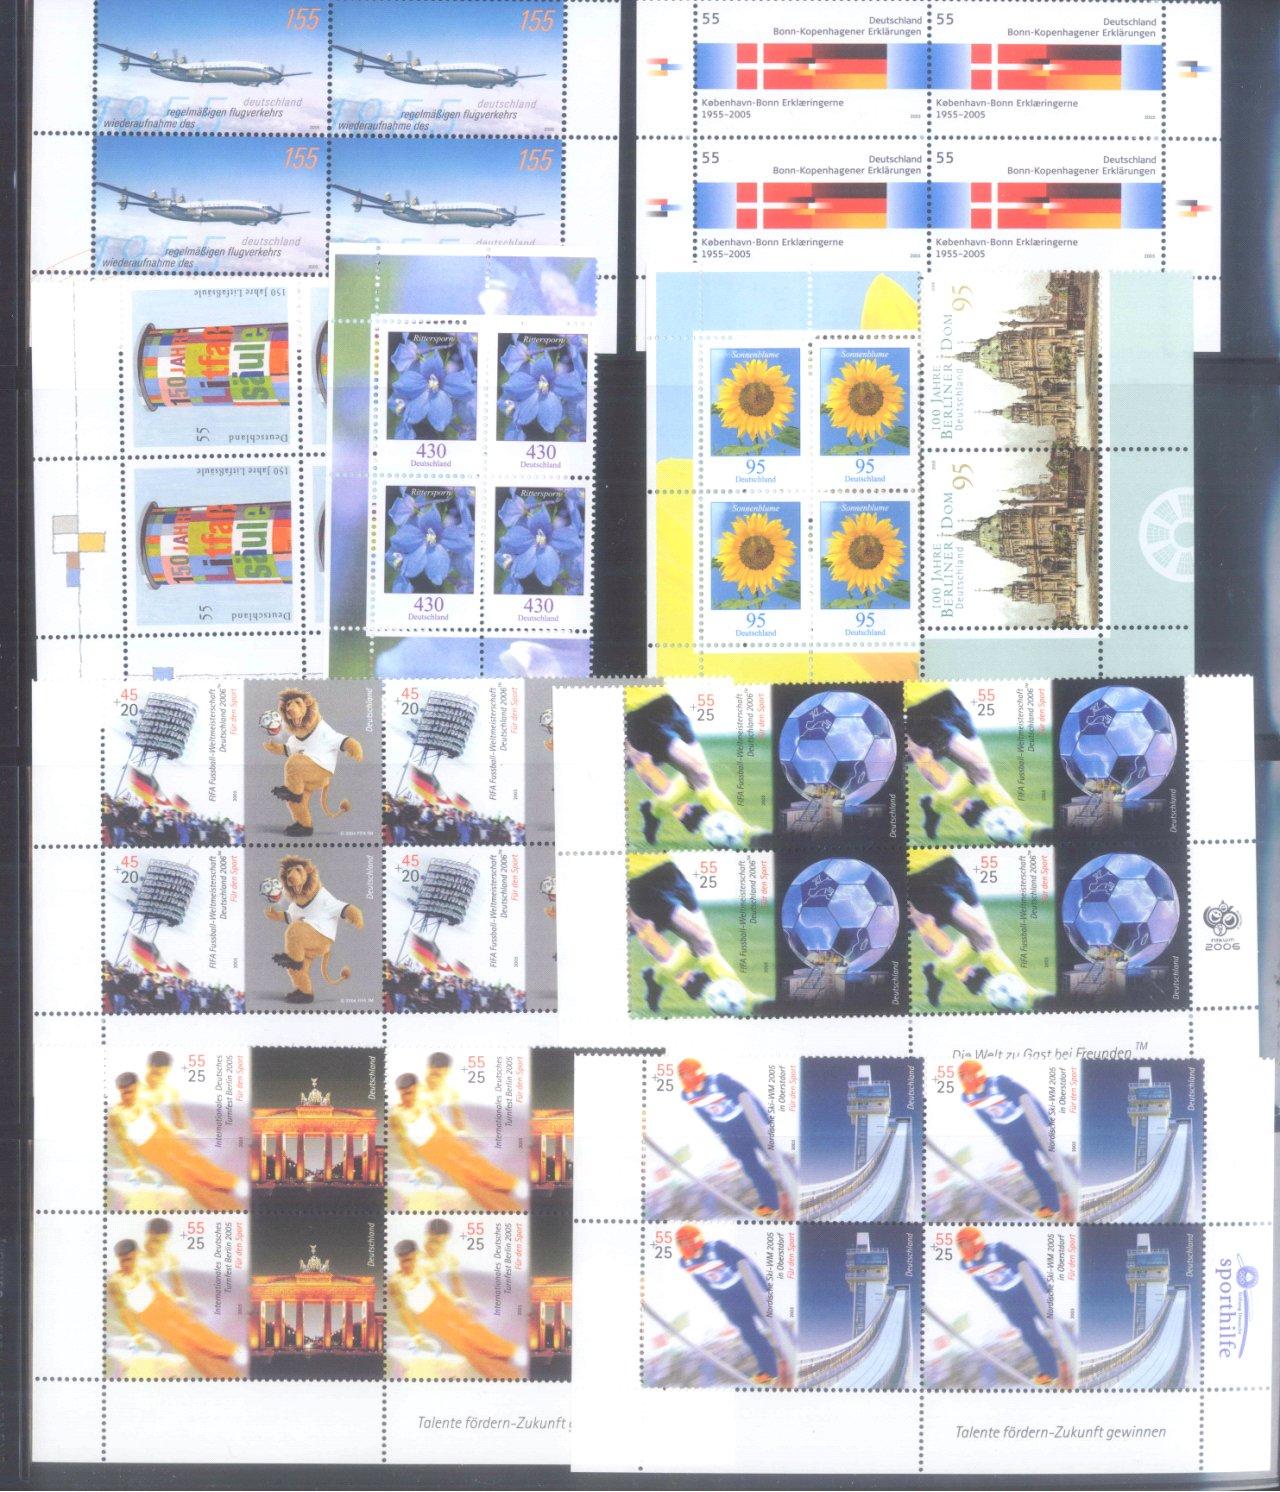 BUND 2005 postfrische 4er-BLOCK Sammlung, 168 EURO NOMINALE